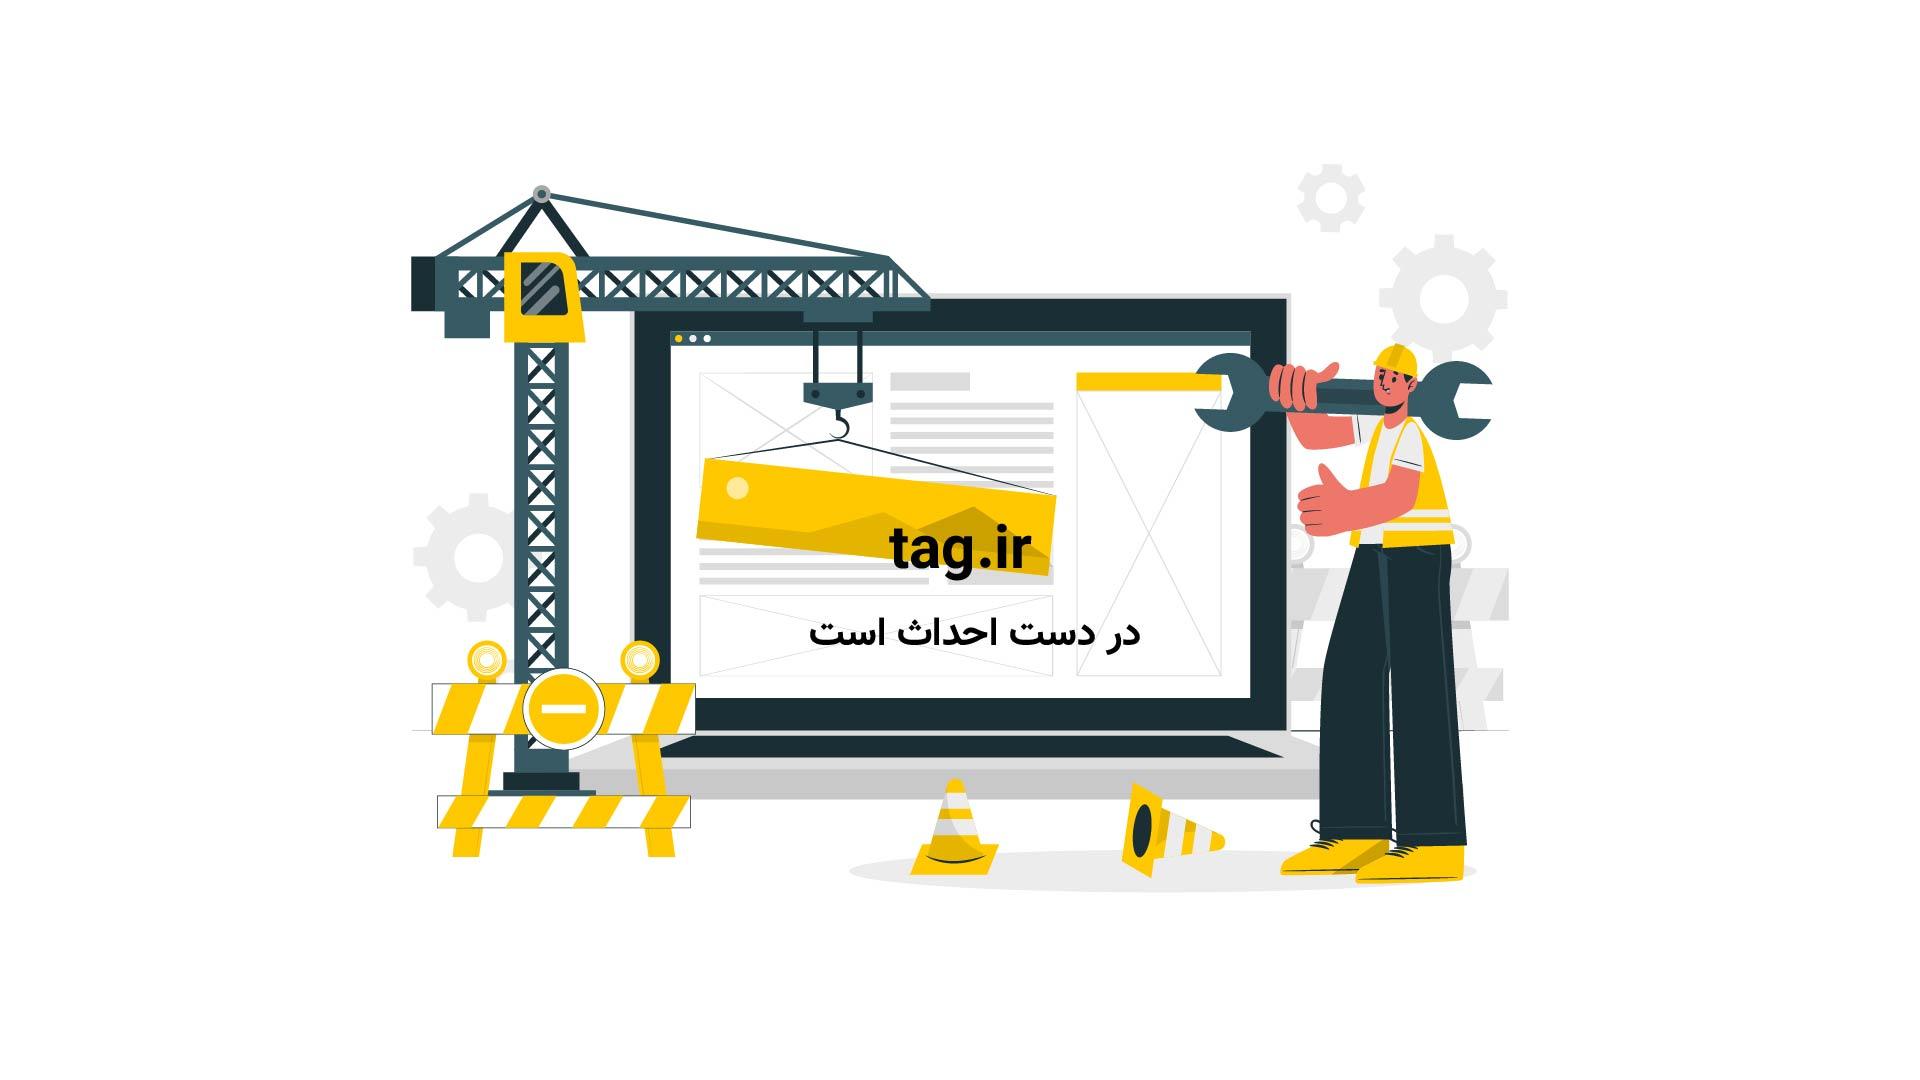 بازی موبایل تانک آی او | تگ